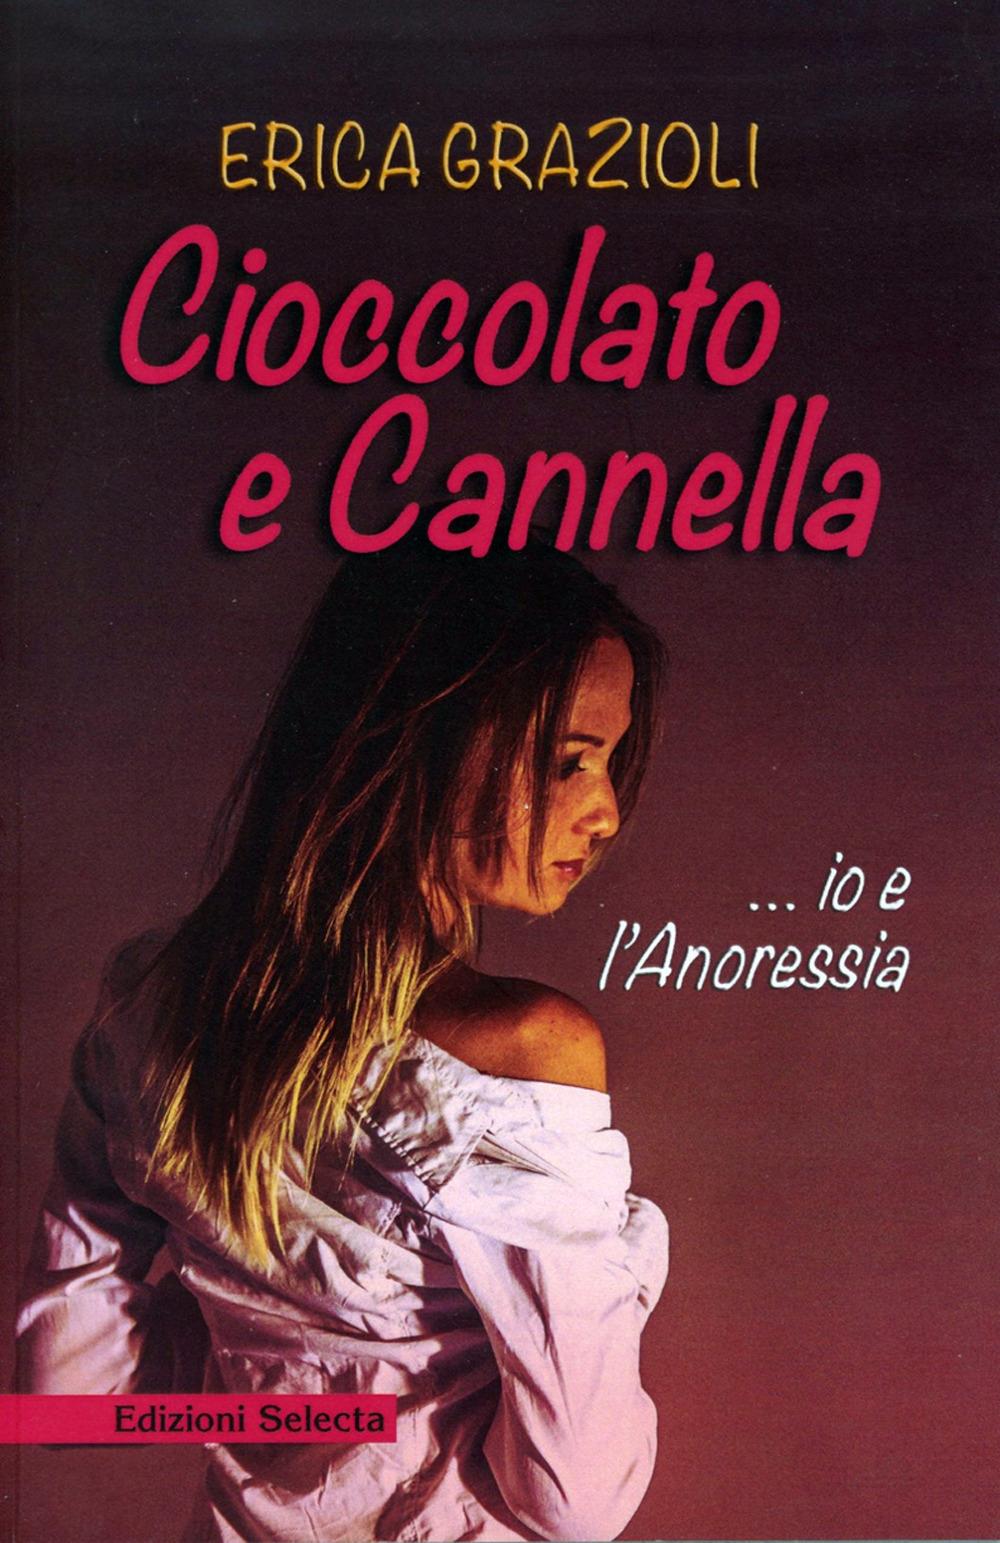 Cioccolato e cannella ...io e l'anoressia.